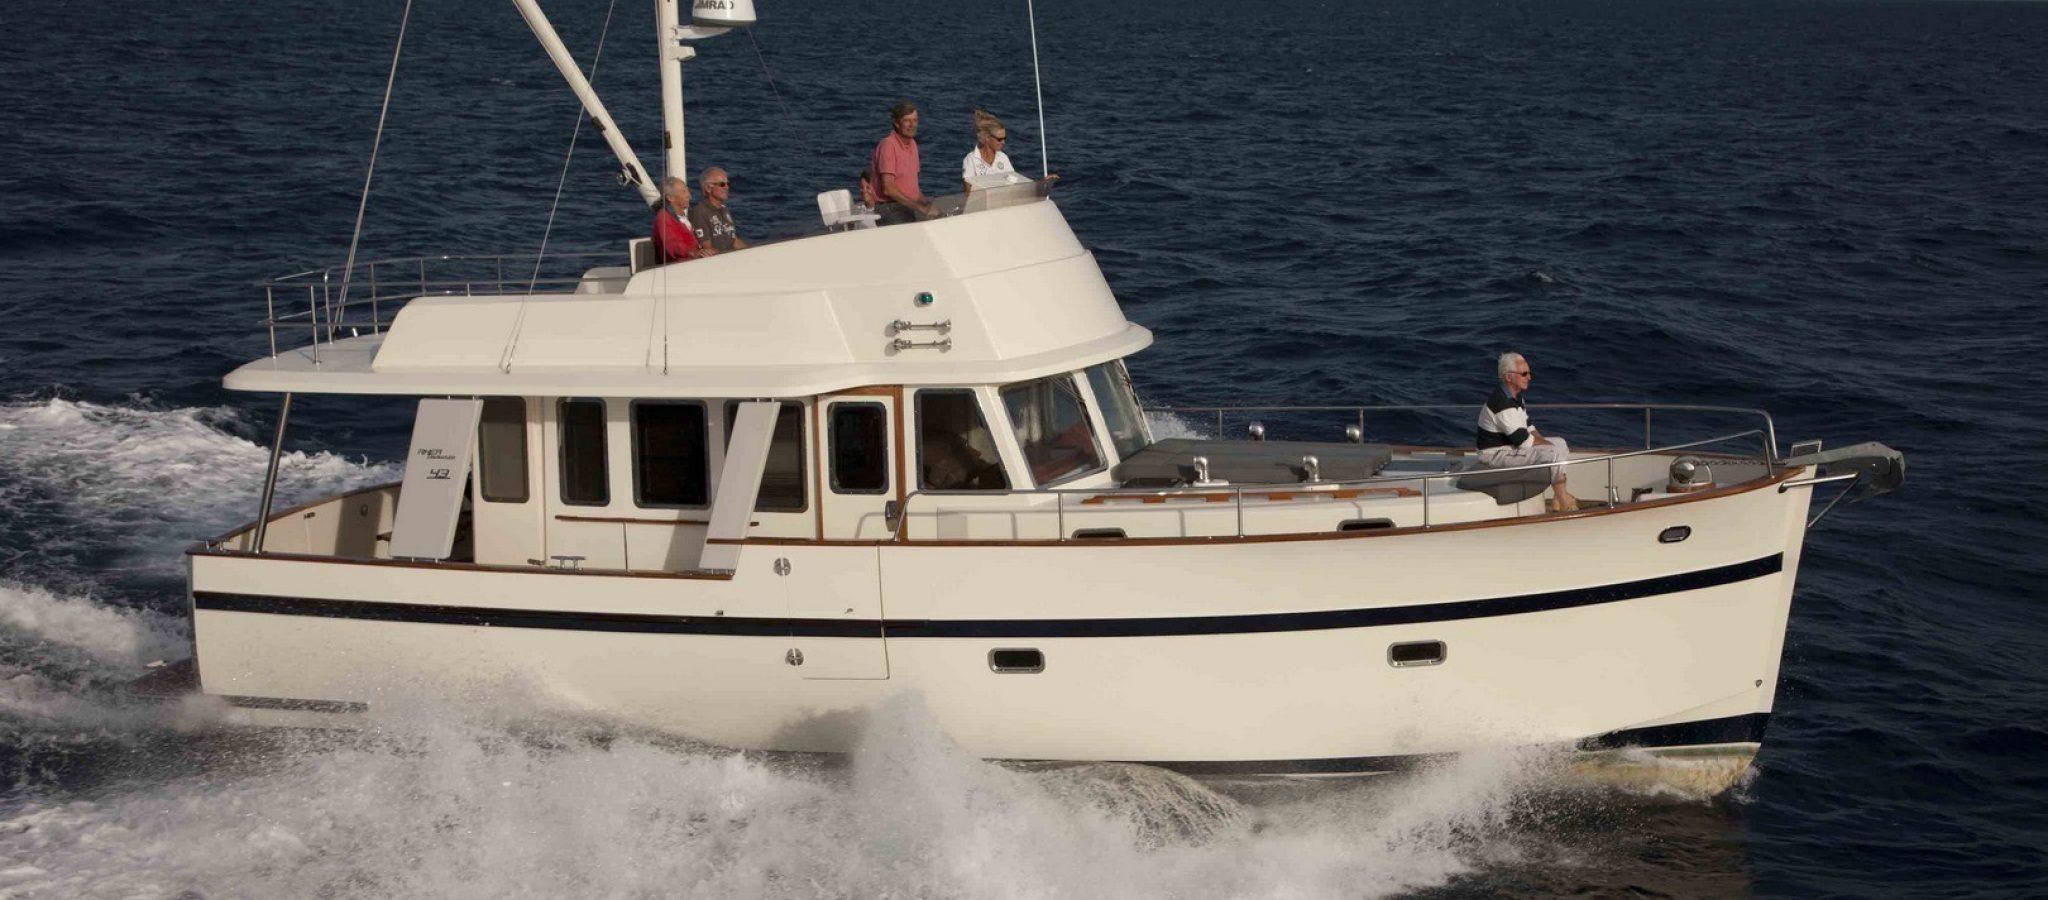 Rhéa-marine-43trawler (33) (web) (1)